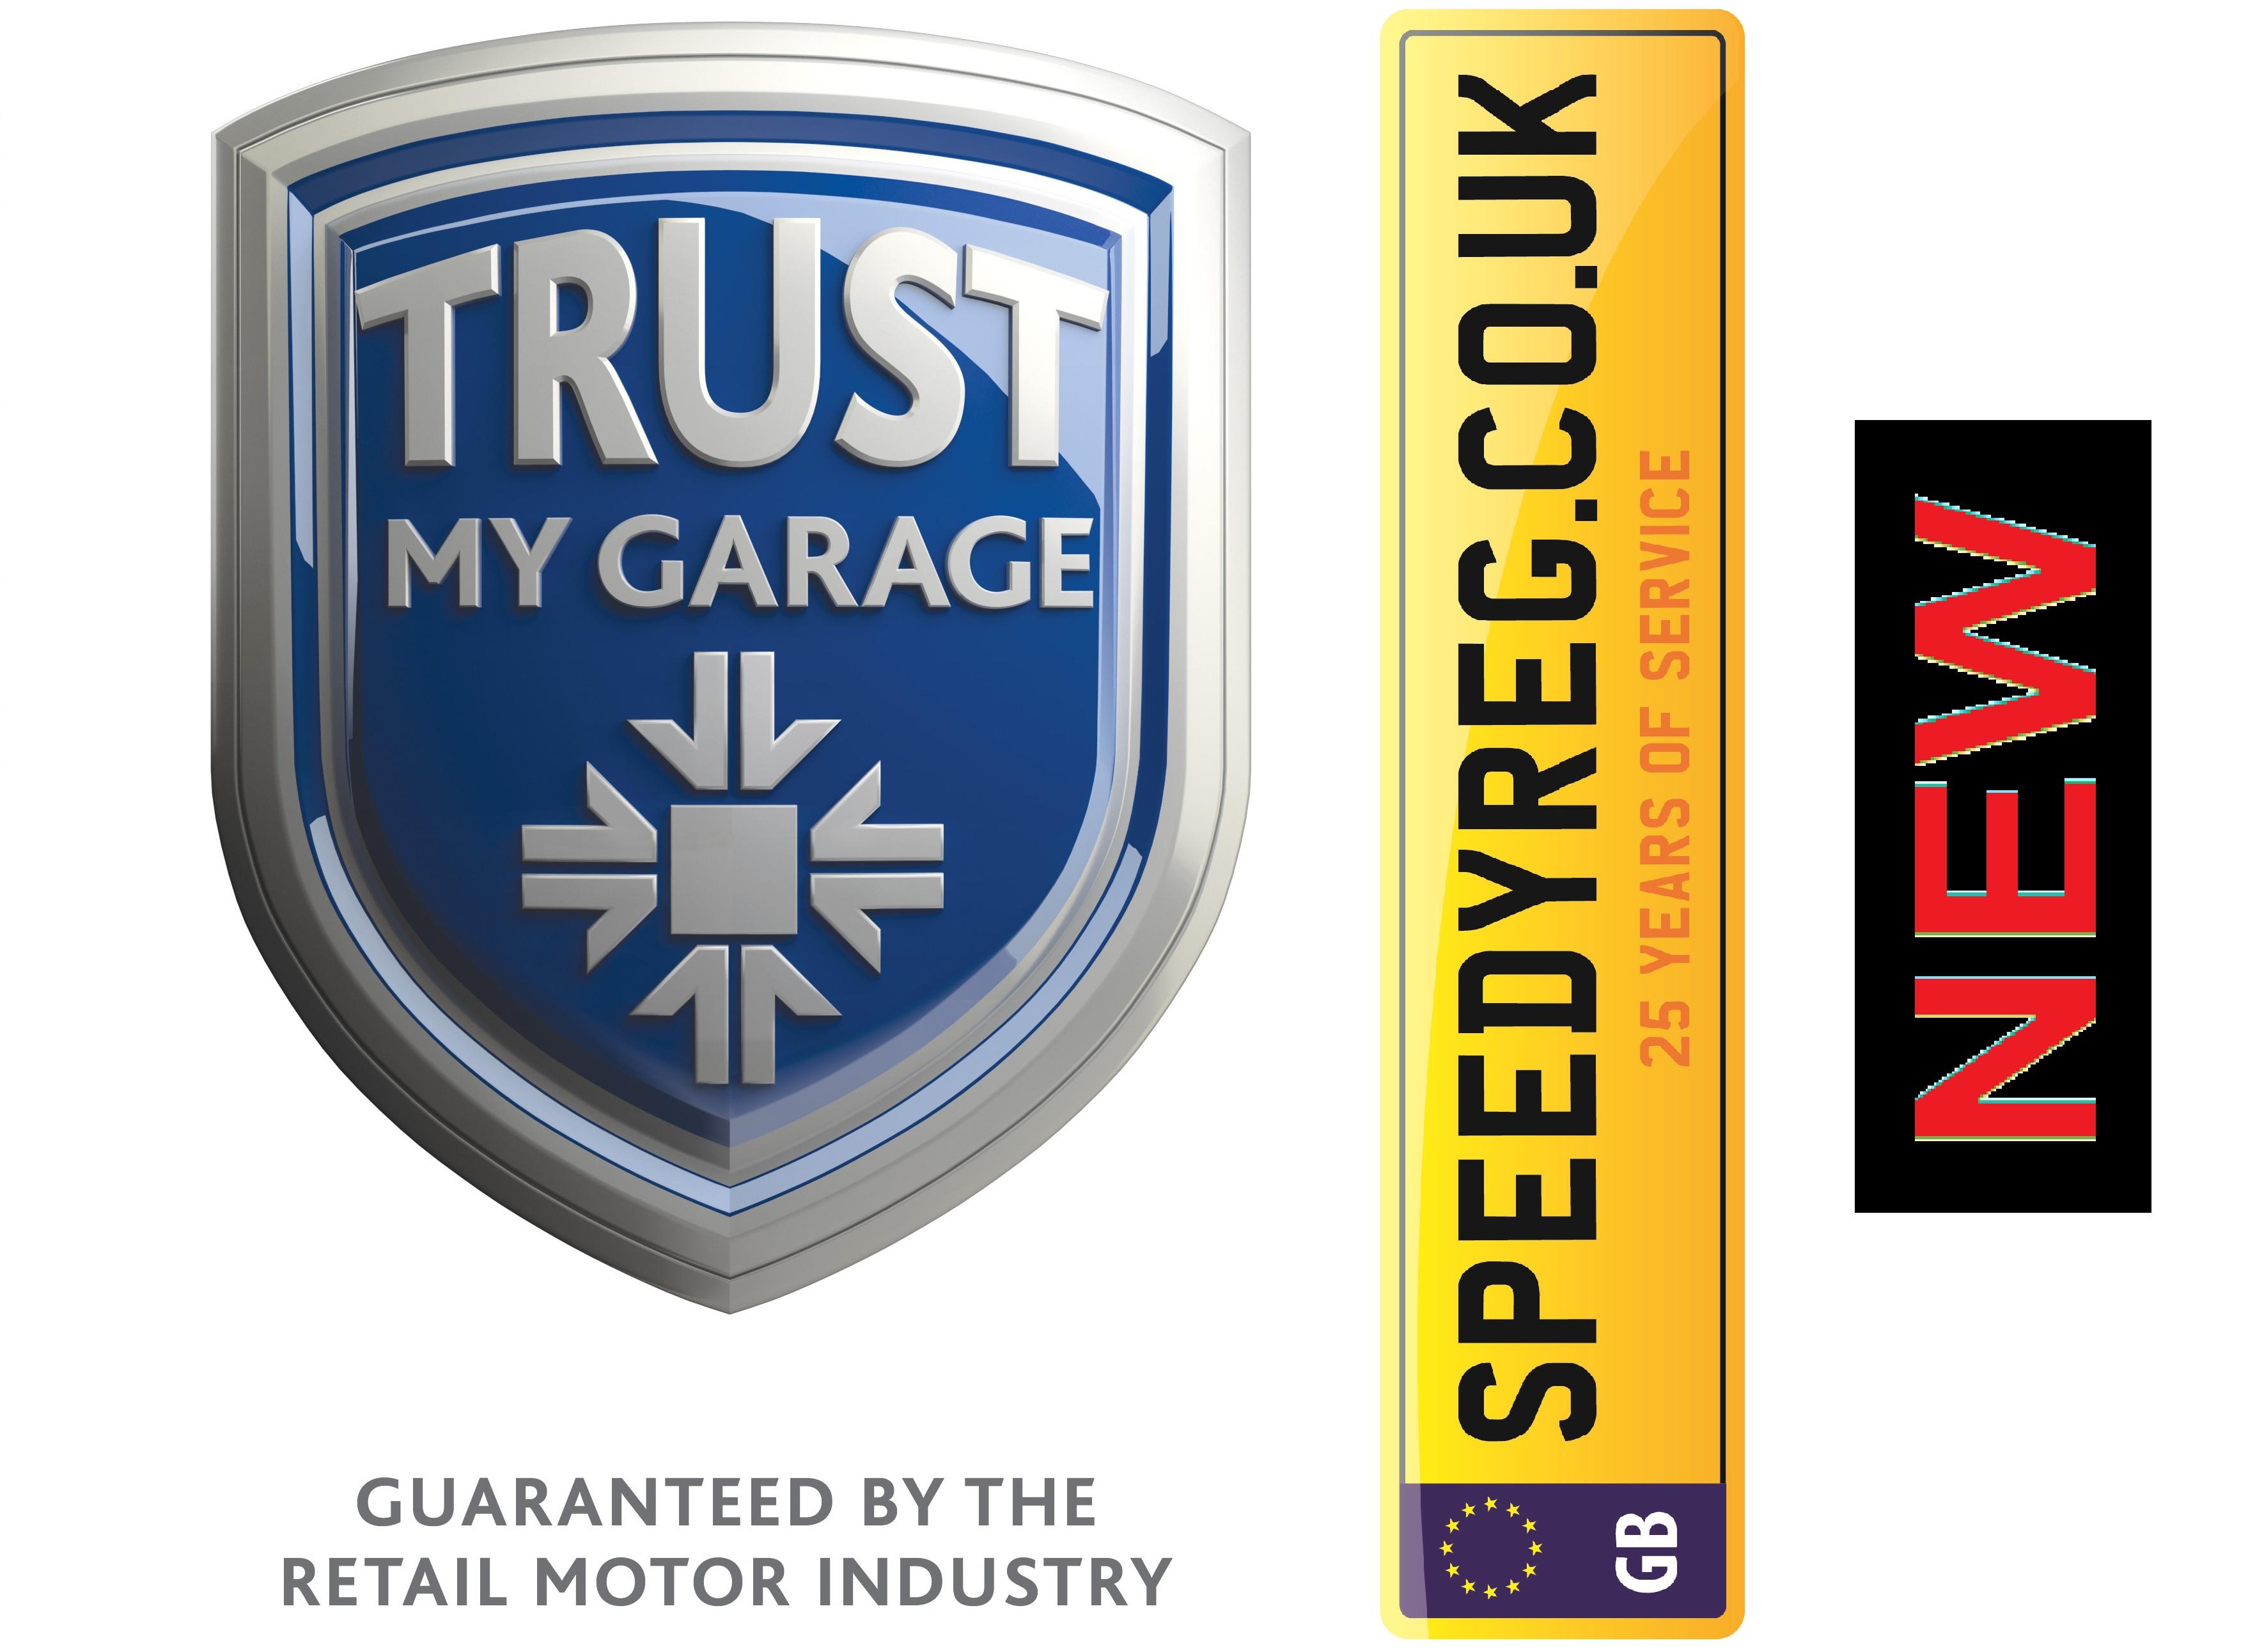 Turst My Garage Photo